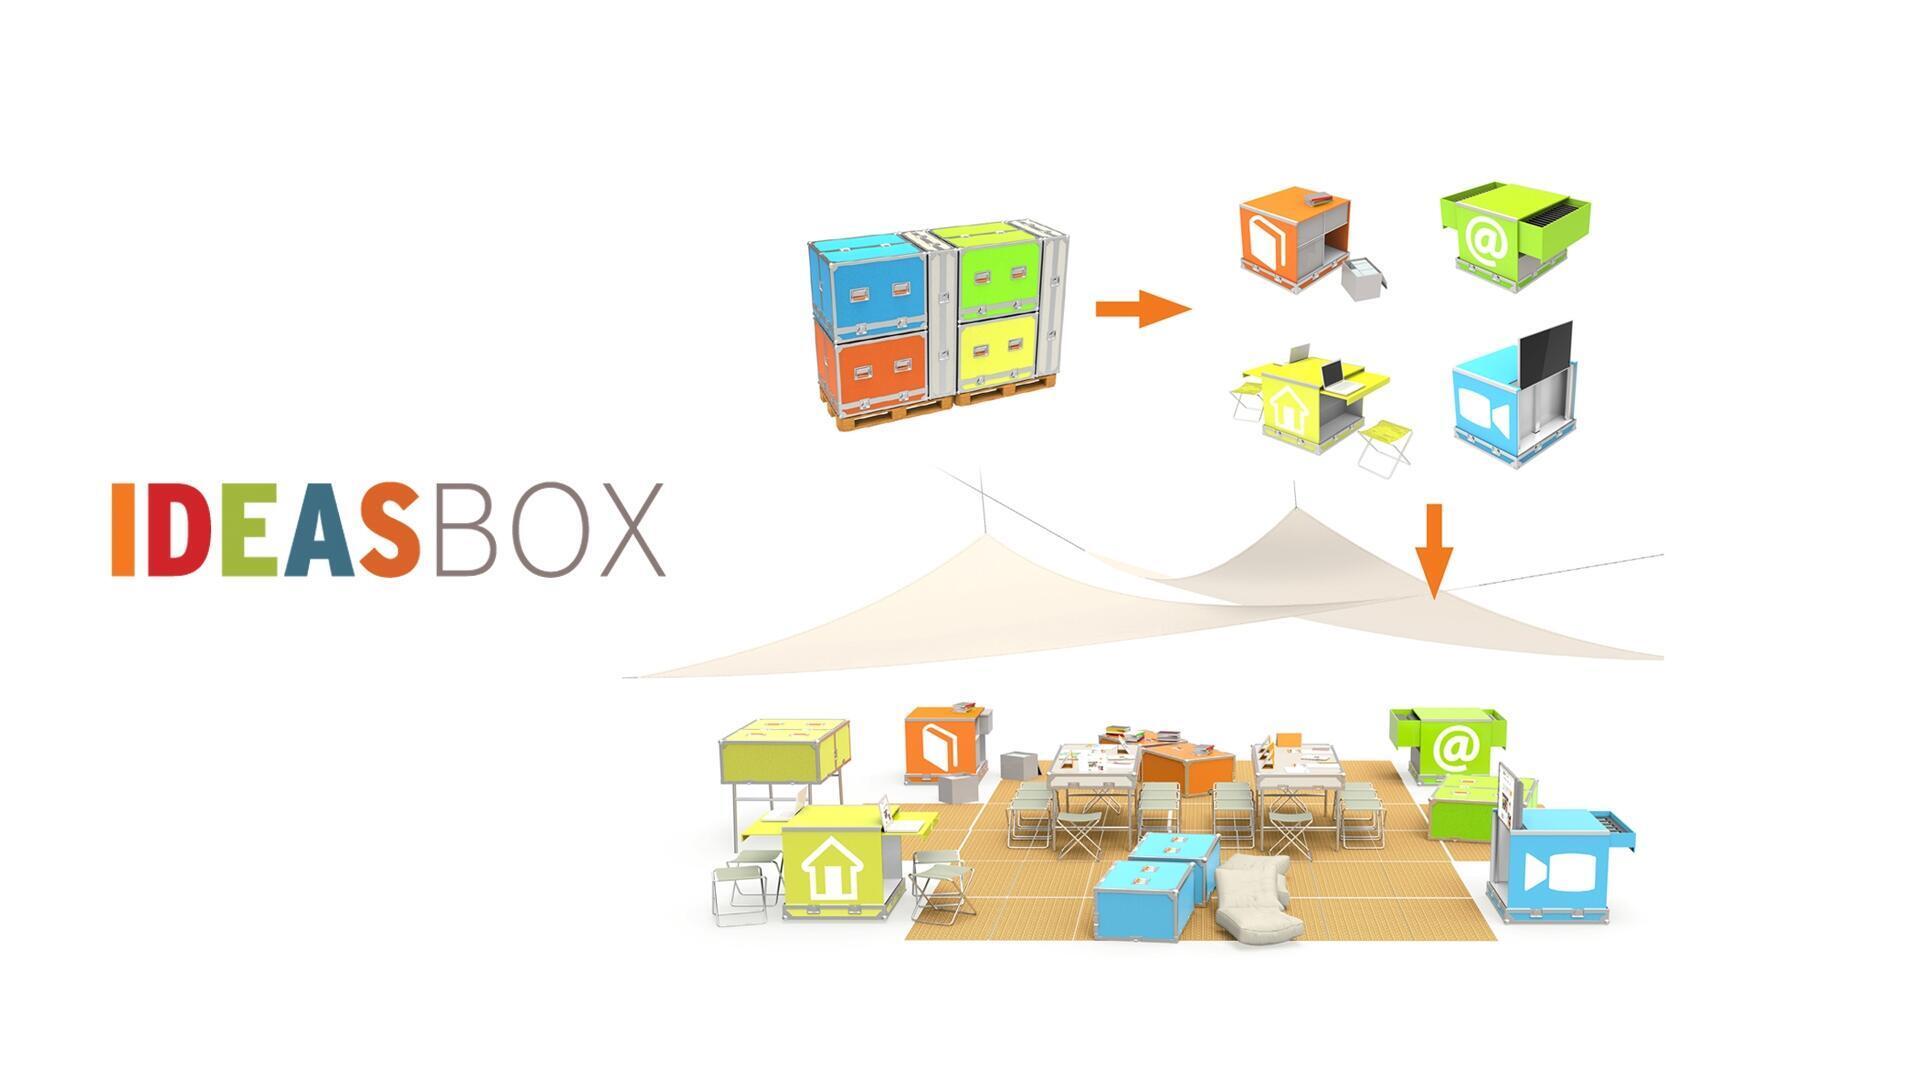 Une fois déployés, les gros cubes de l'« Ideas box » forment un centre culturel d'une centaine de mètres carrés.